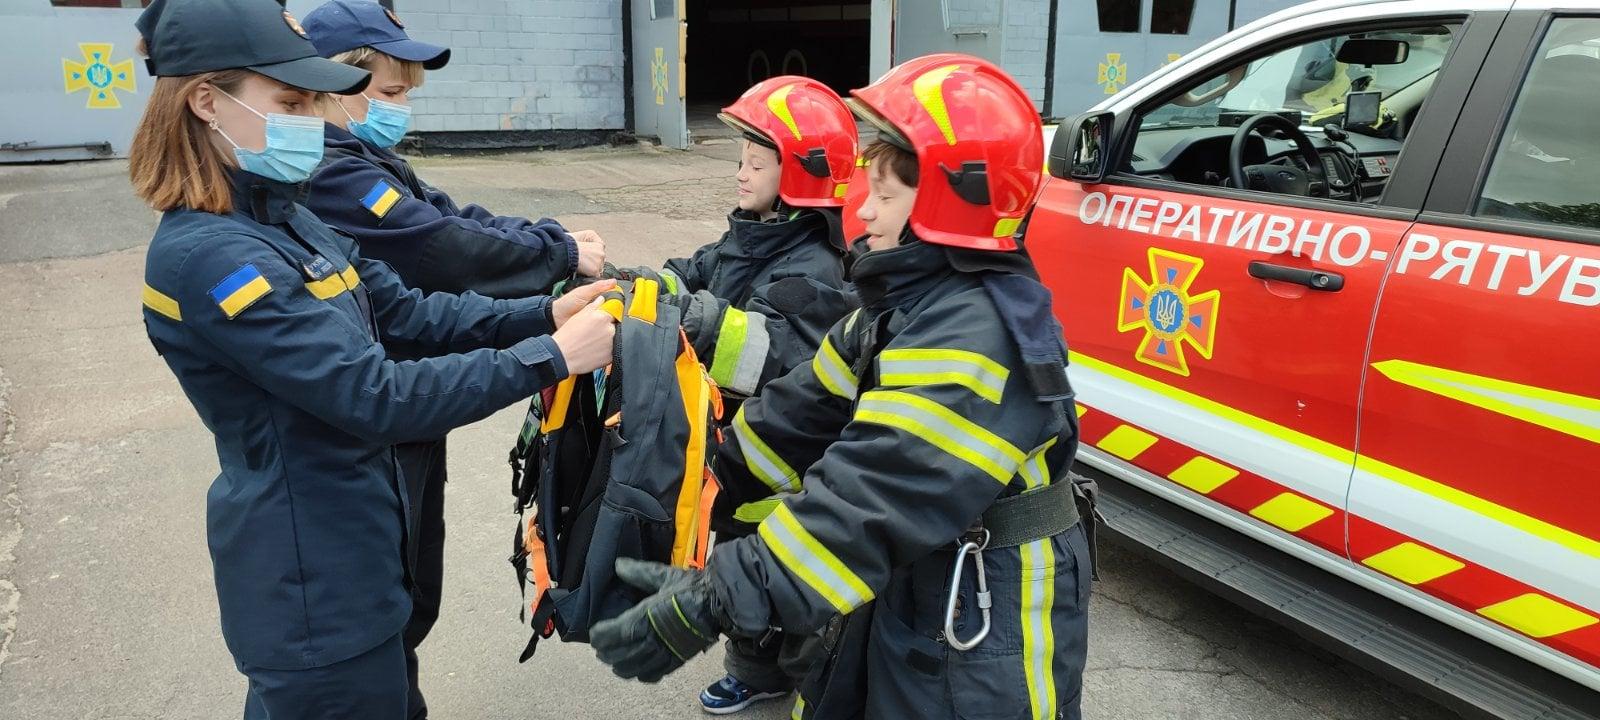 Чернігівські рятувальники допомогли двом школярам ознайомитися з професією мрії (Фото)